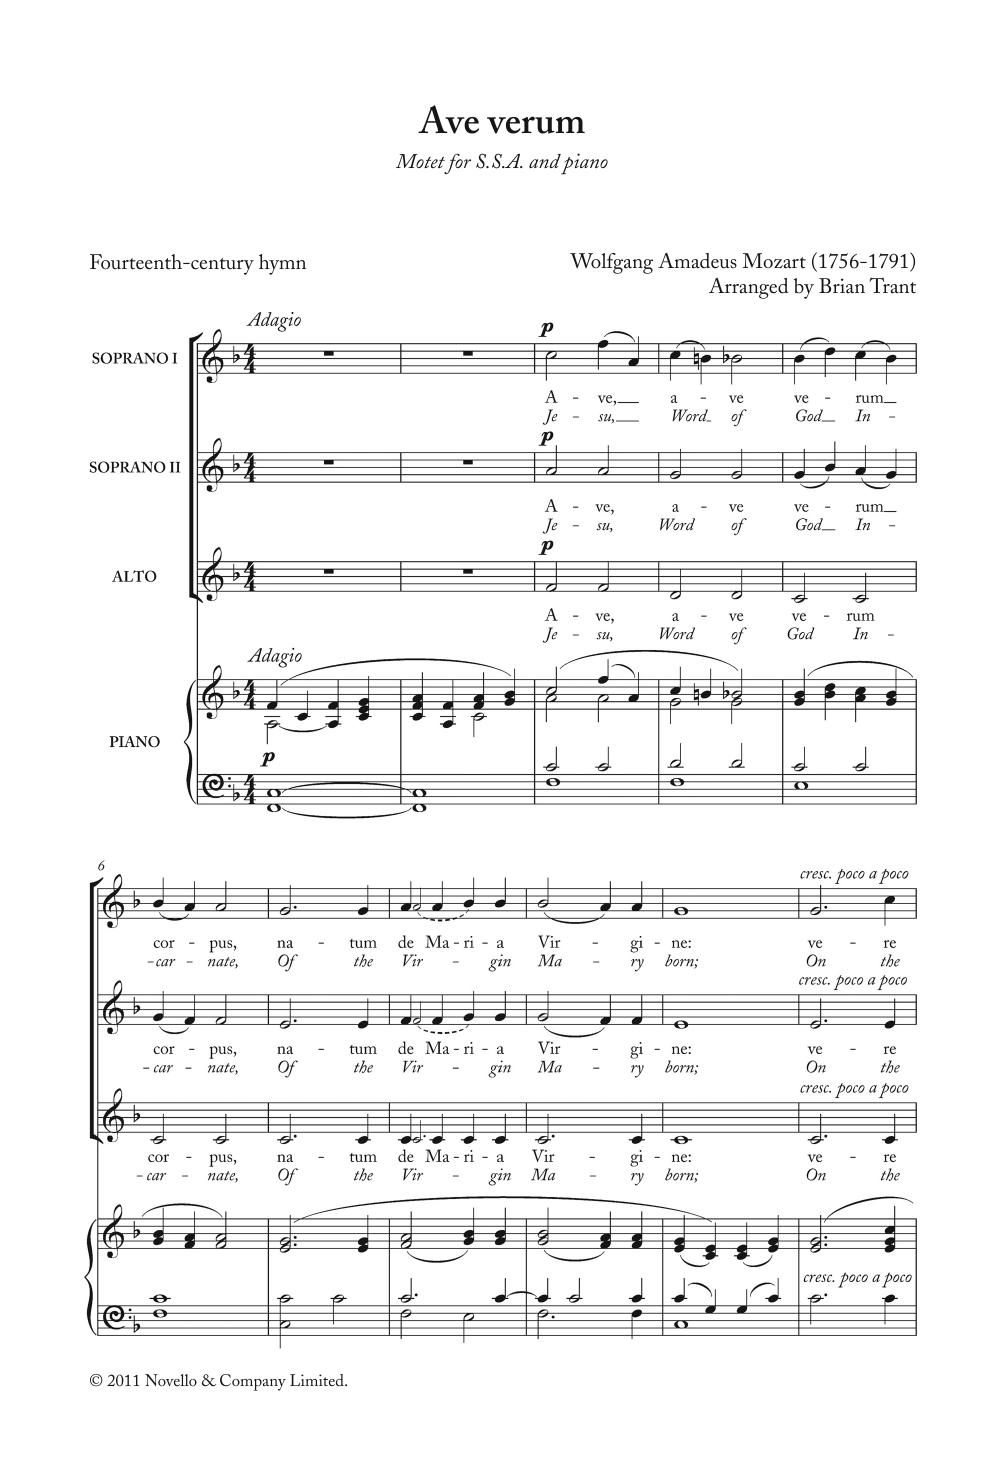 Ave Verum Sheet Music